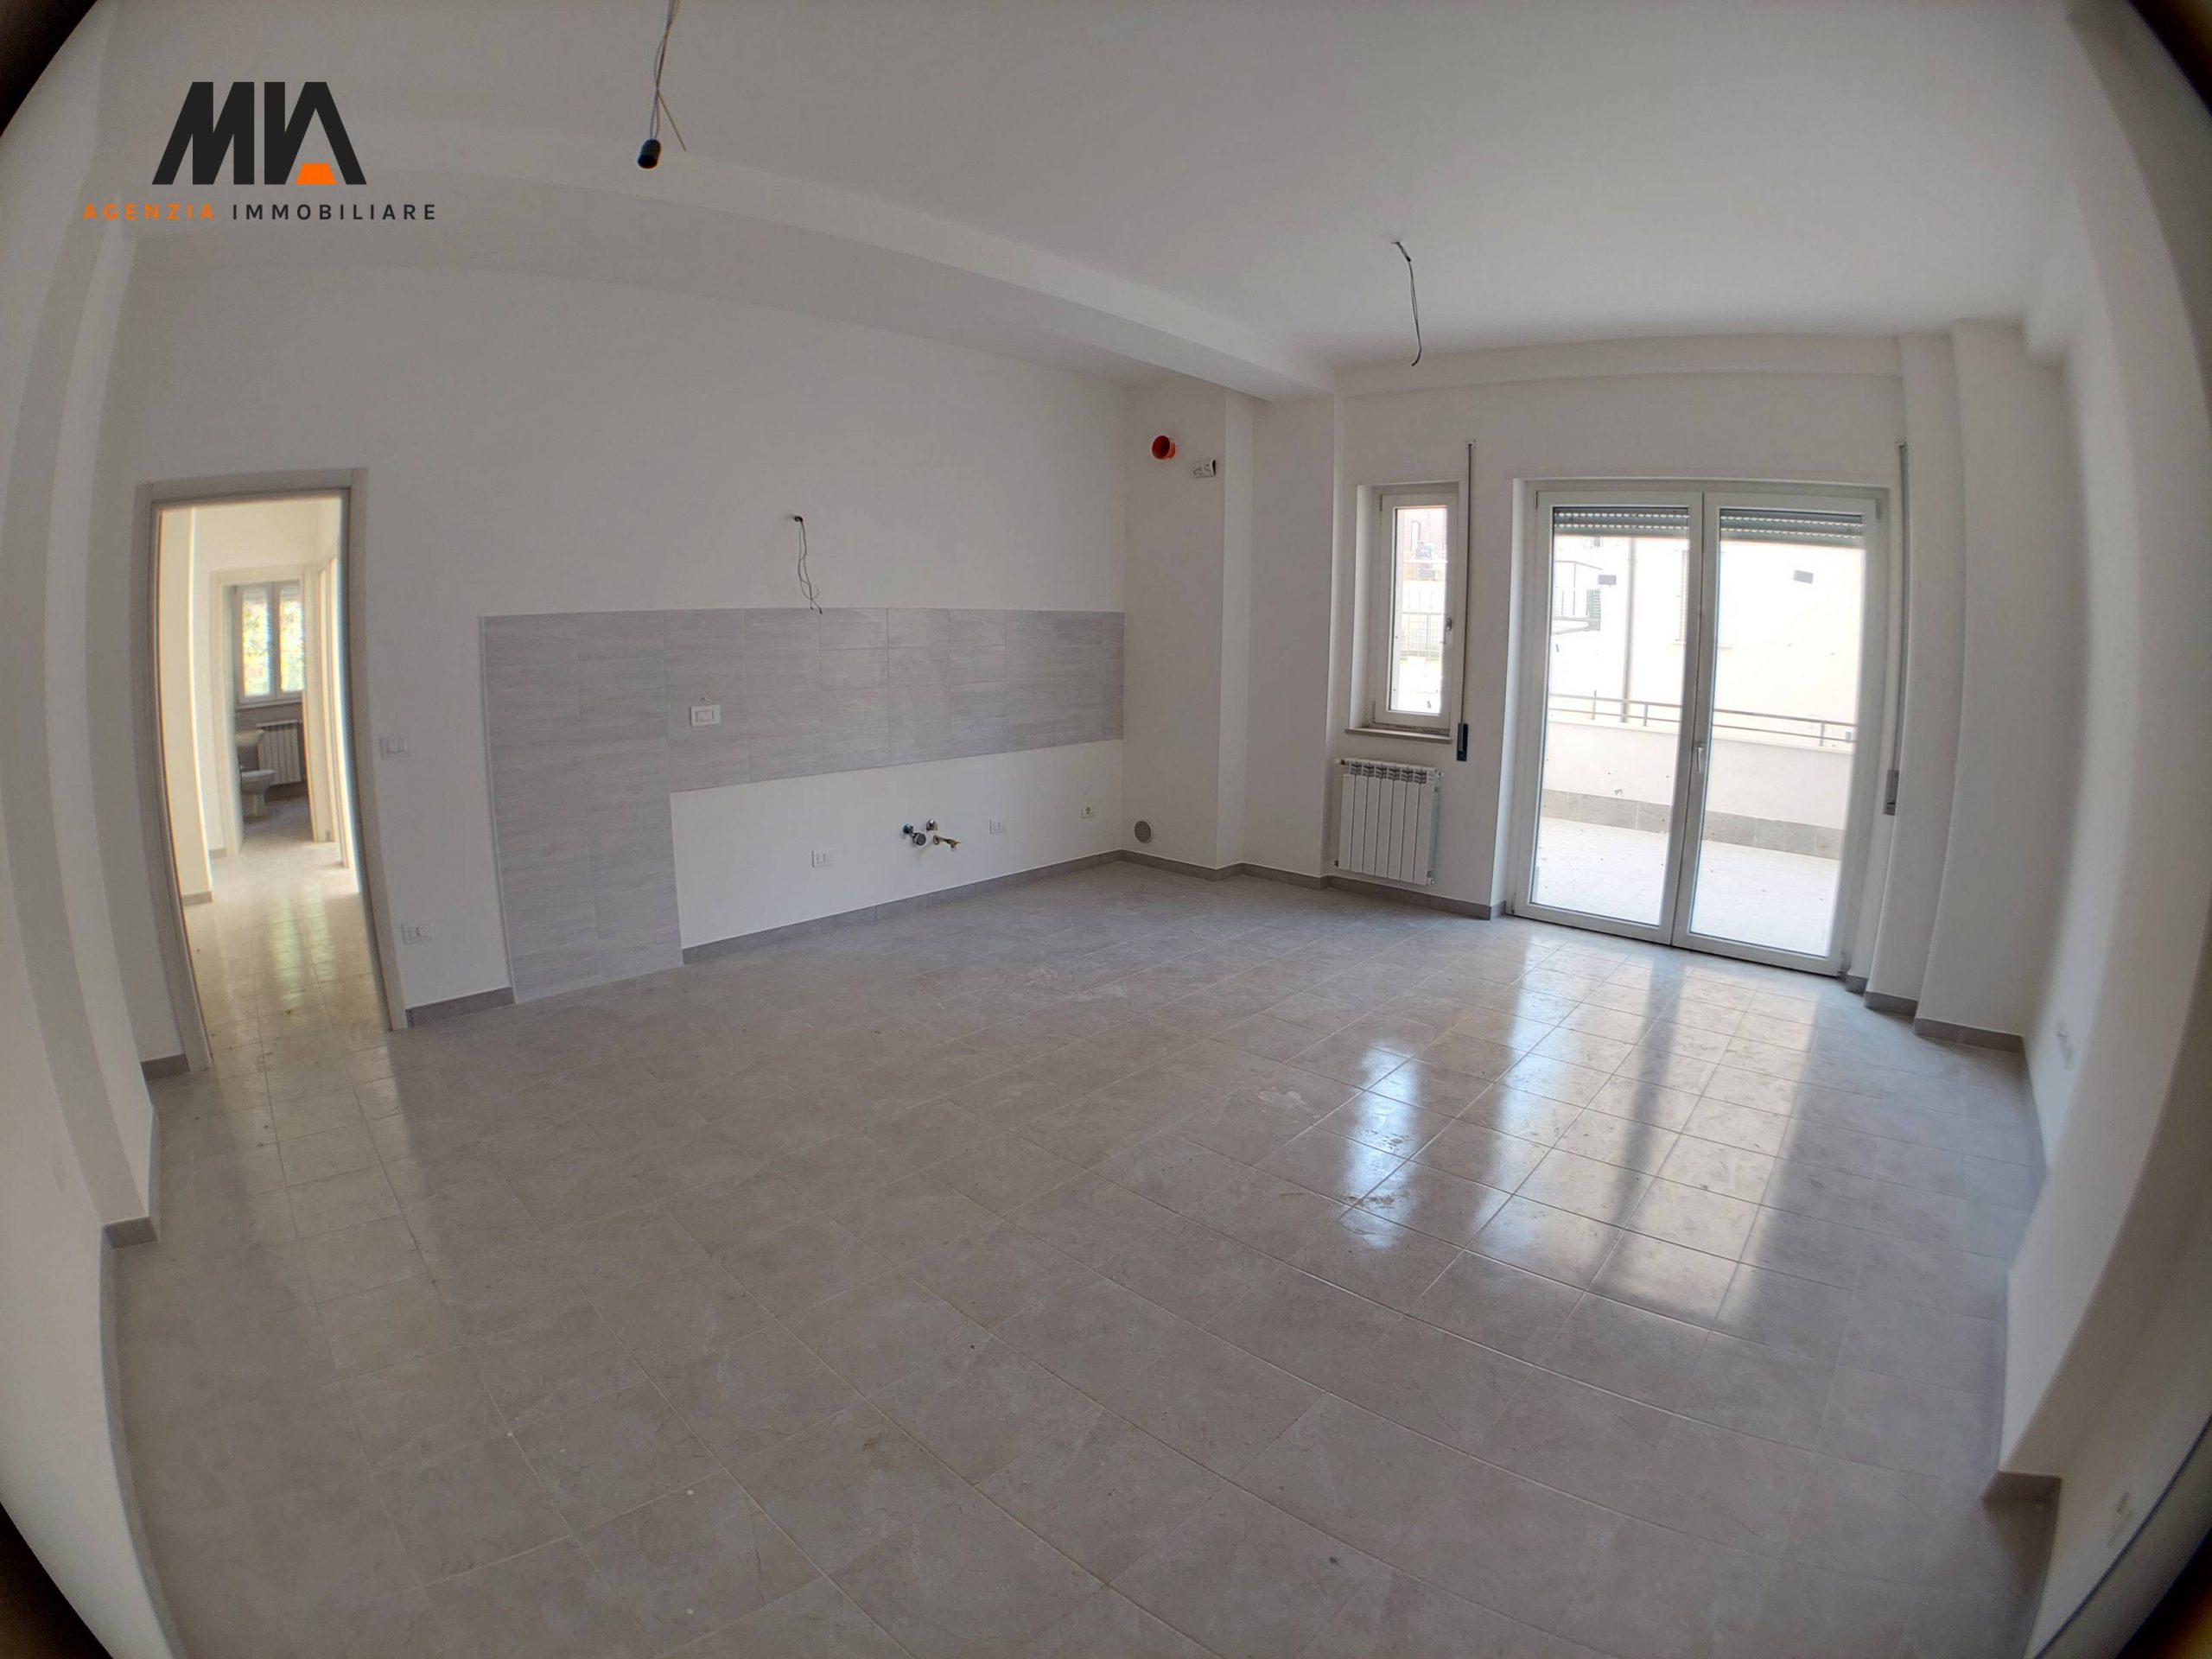 VENDITA: Appartamento con terrazzino Abbattuto e Ricostruito pressi Tribunale